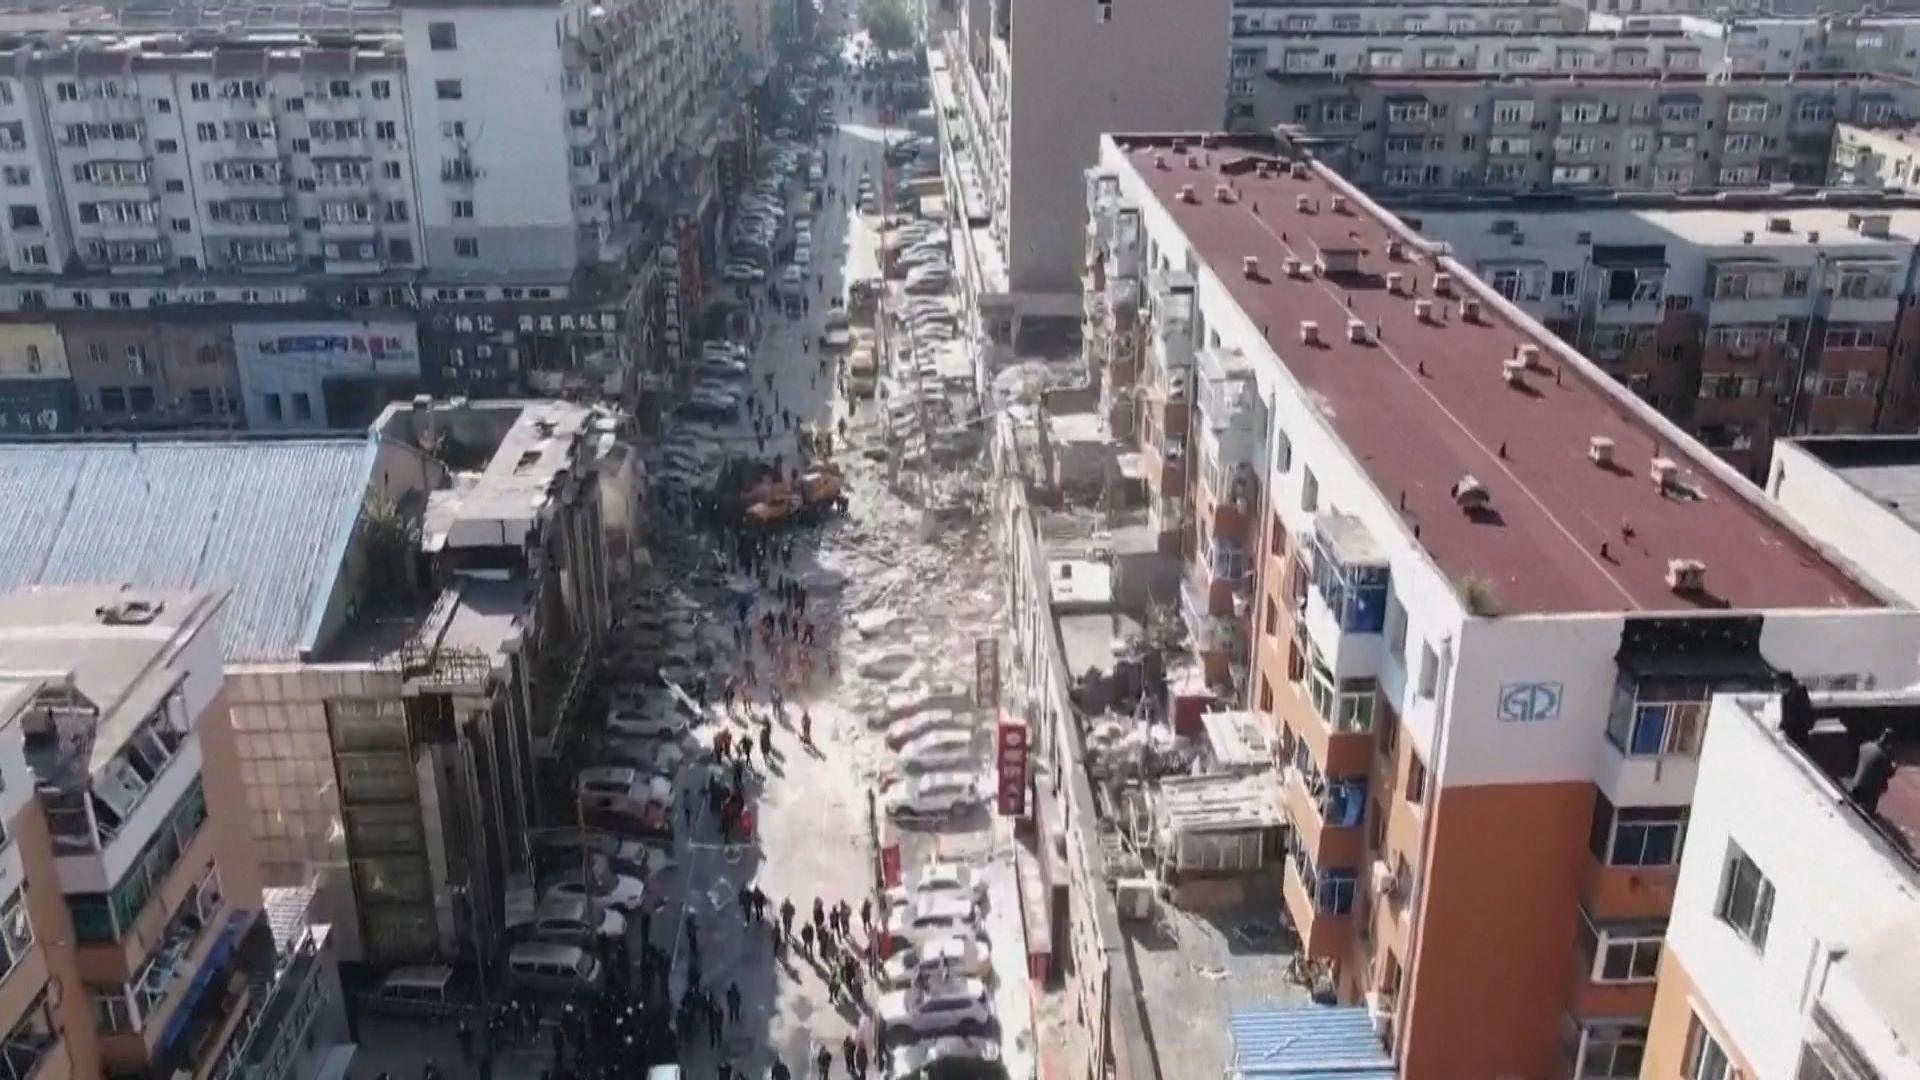 瀋陽燃氣爆炸事故 餐廳負責人否認指控